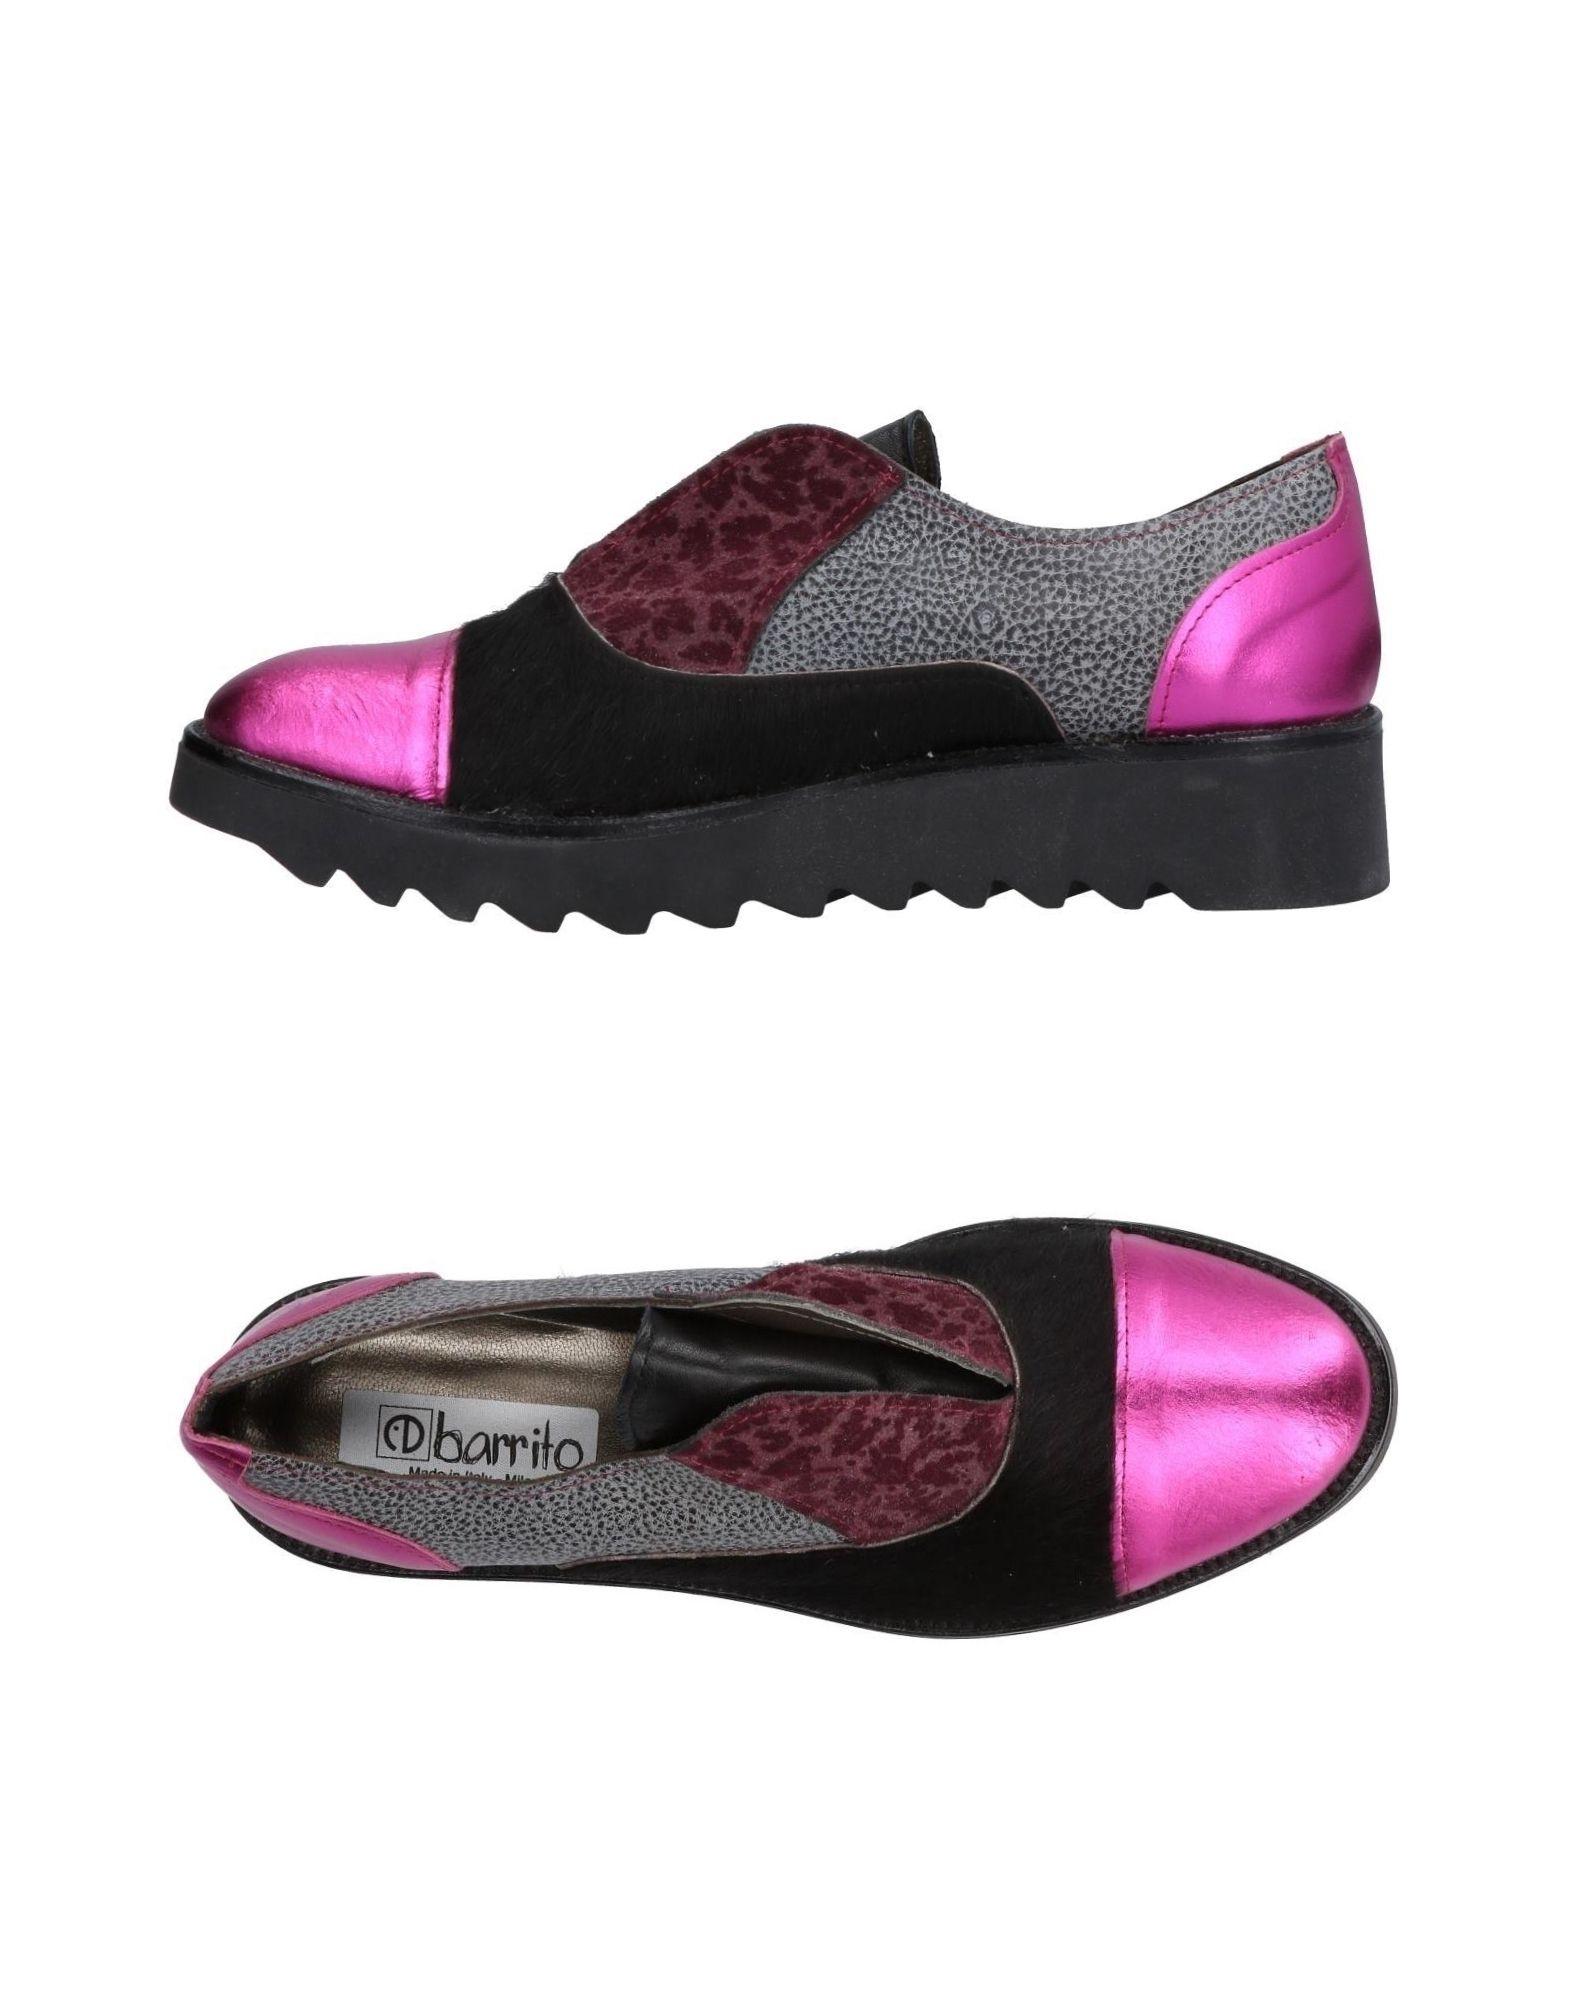 Ebarrito Mokassins Damen  11458738BW Gute Qualität beliebte Schuhe